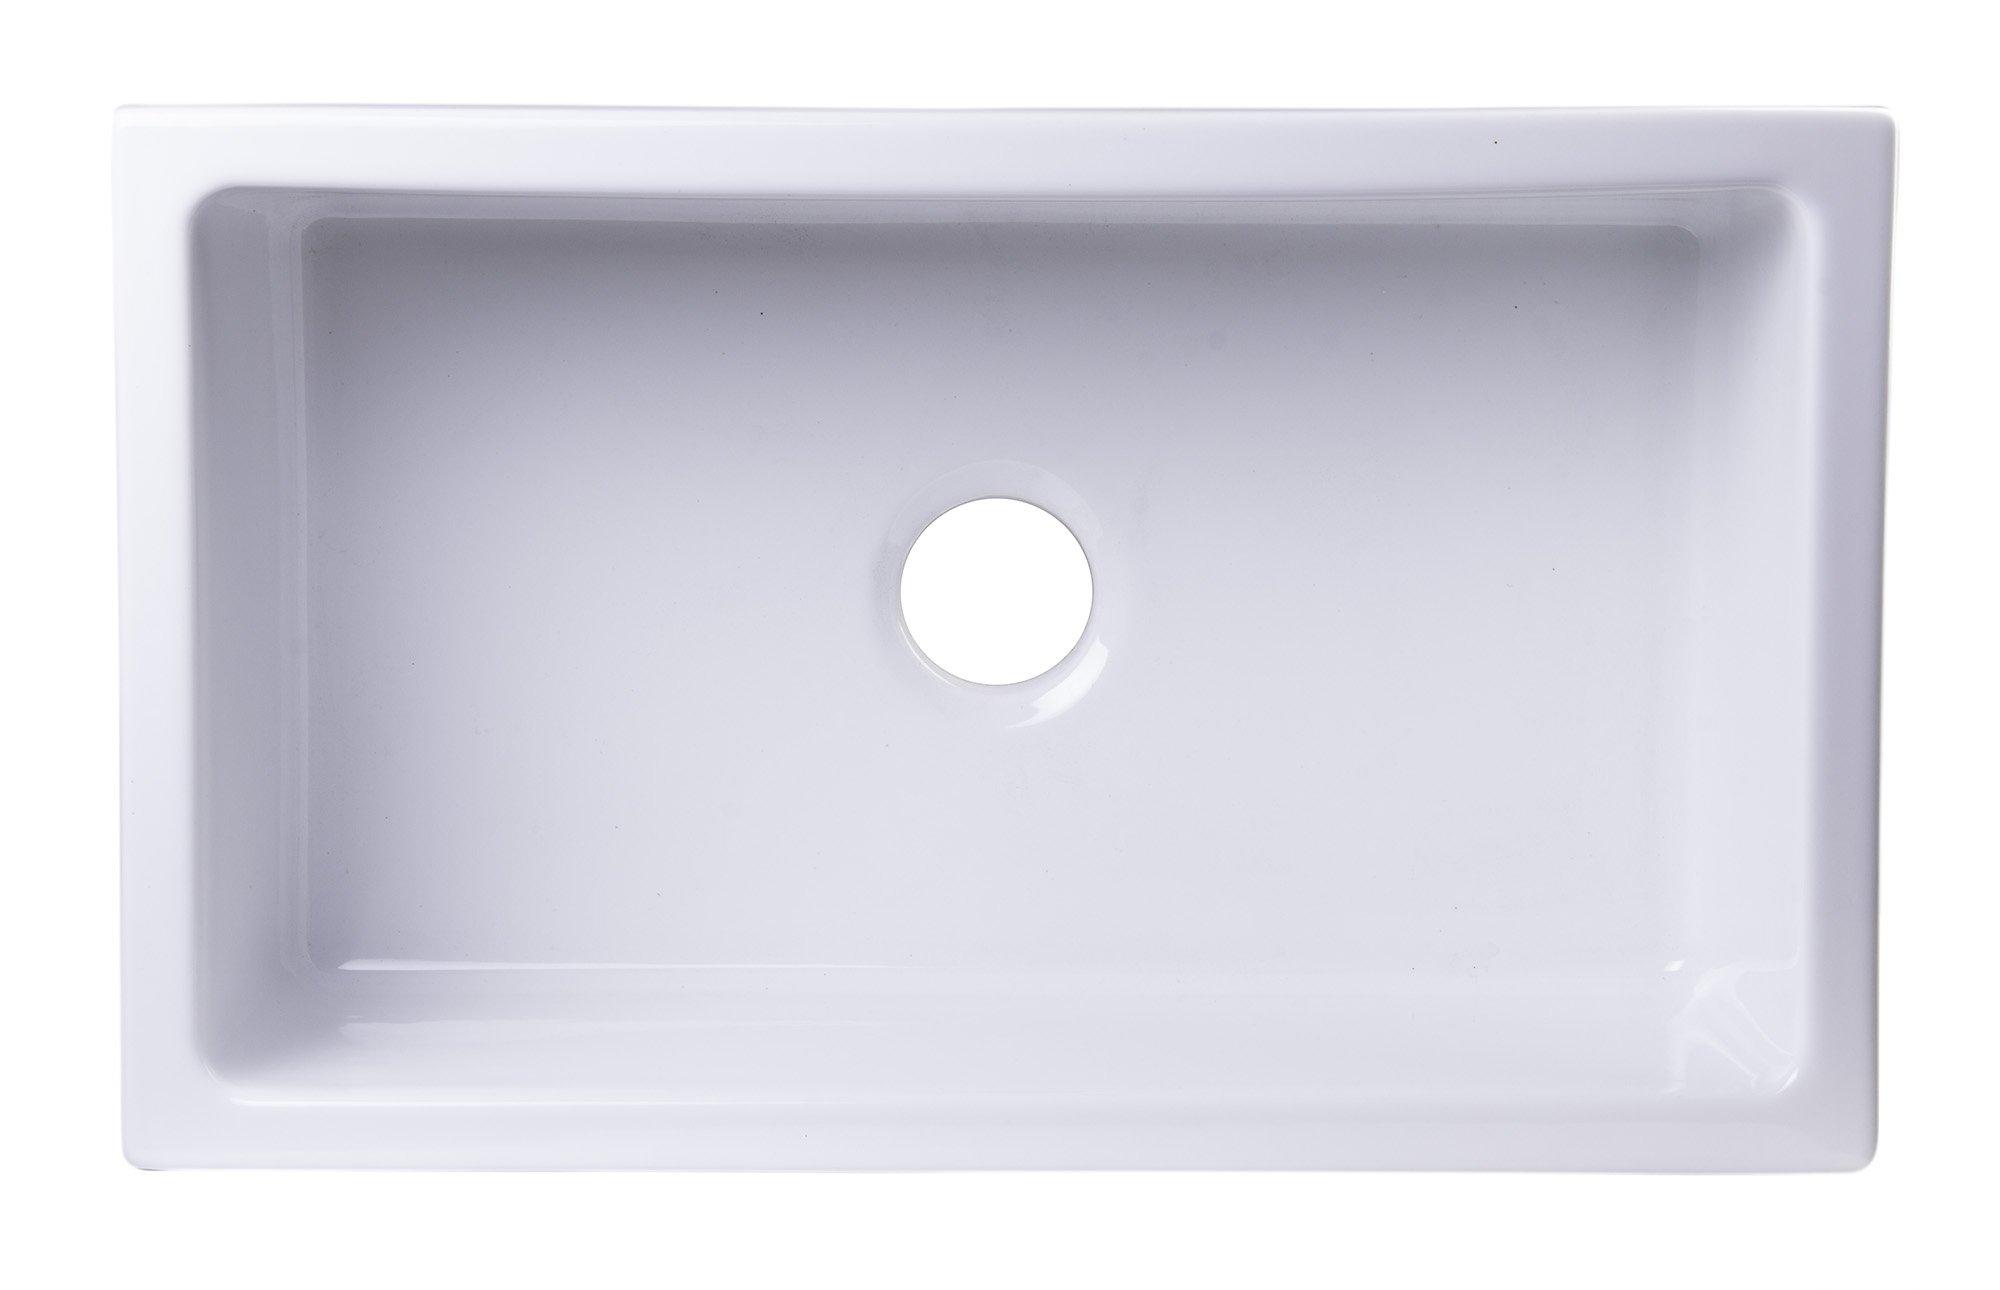 ALFI brand AB3018UM-W 30'' x 18'' Undermount White Fireclay Kitchen Sink